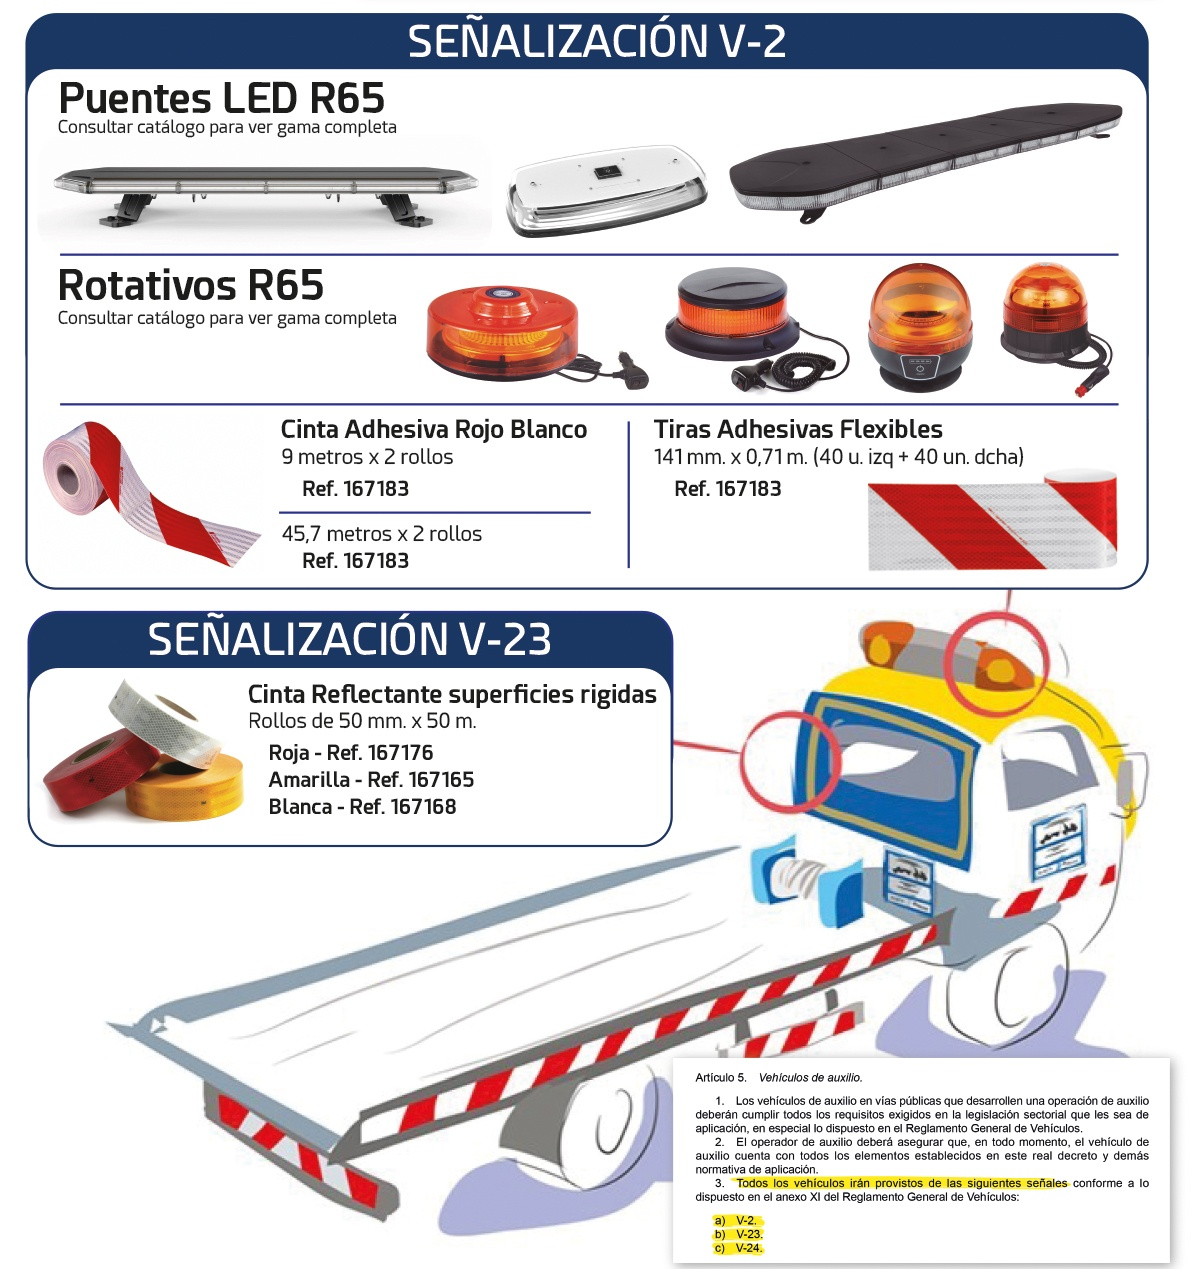 Nueva Señalización para Vehículos de Auxilio en Carretera-2021